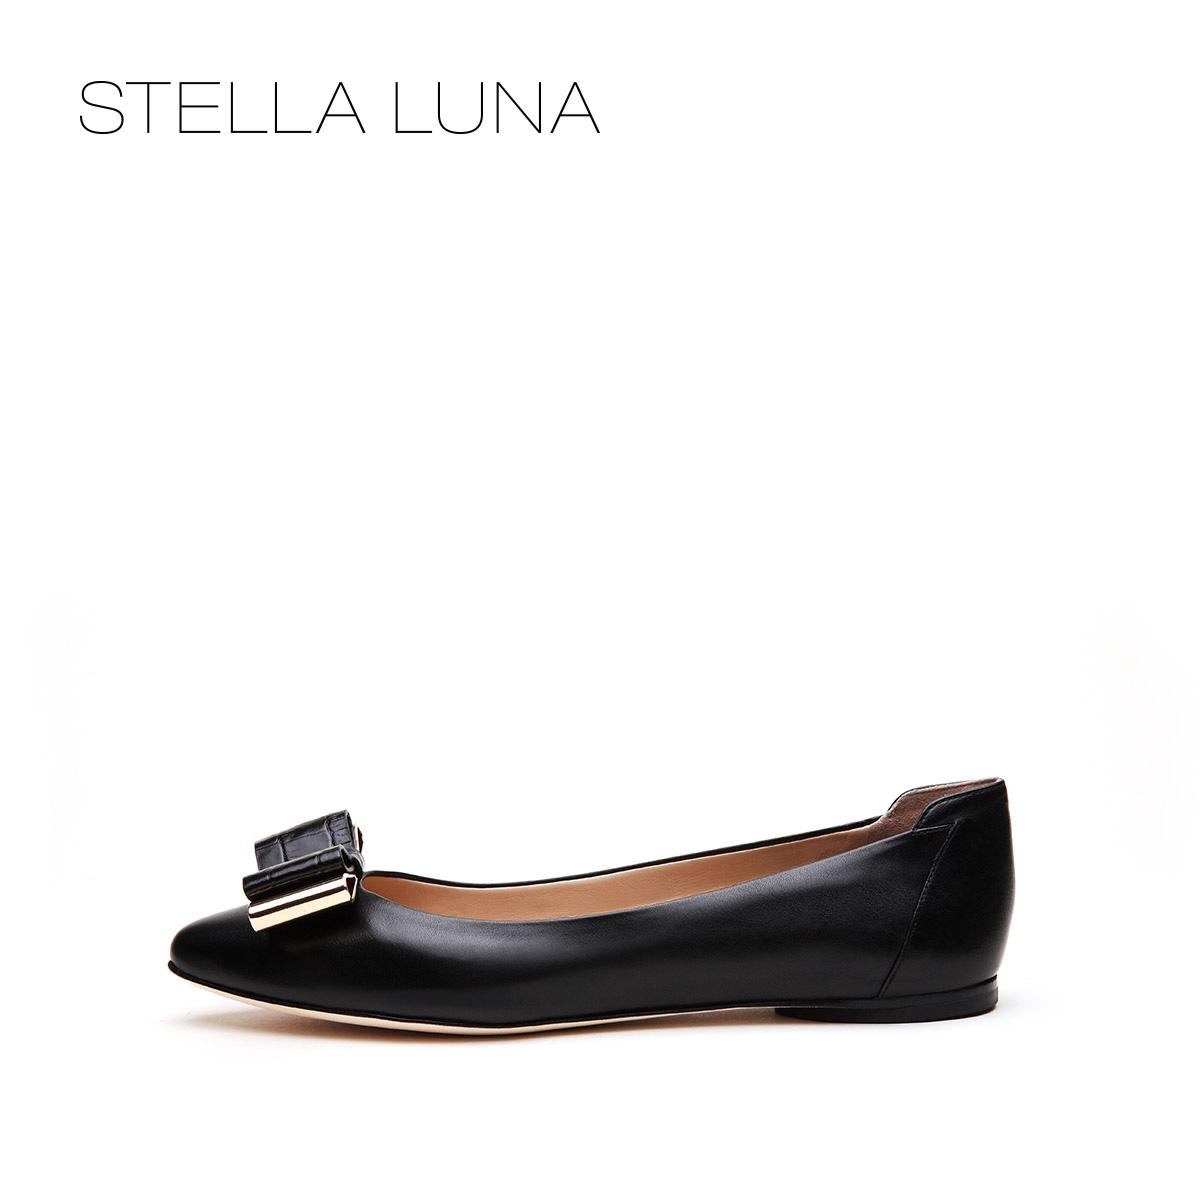 STELLA LUNA设计师款秋季浅口套脚女鞋牛皮蝴蝶结平底低跟单鞋